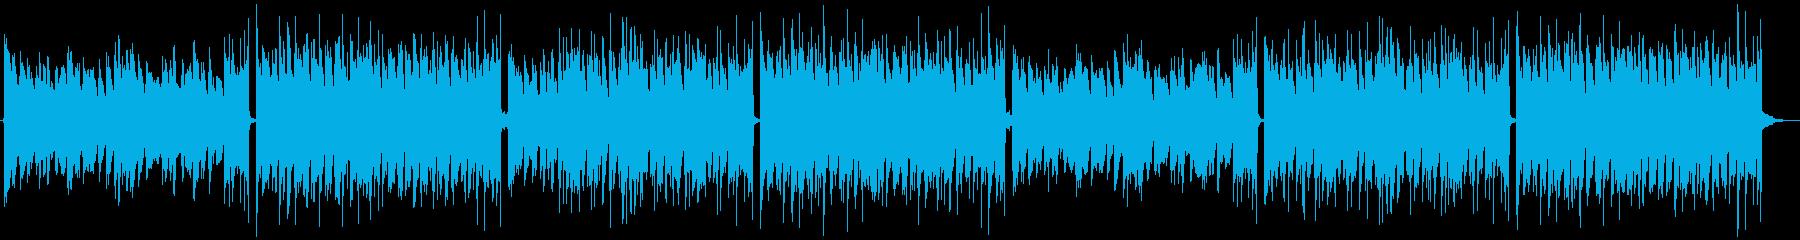 大人っぽくメロウなピアノのLofiの再生済みの波形